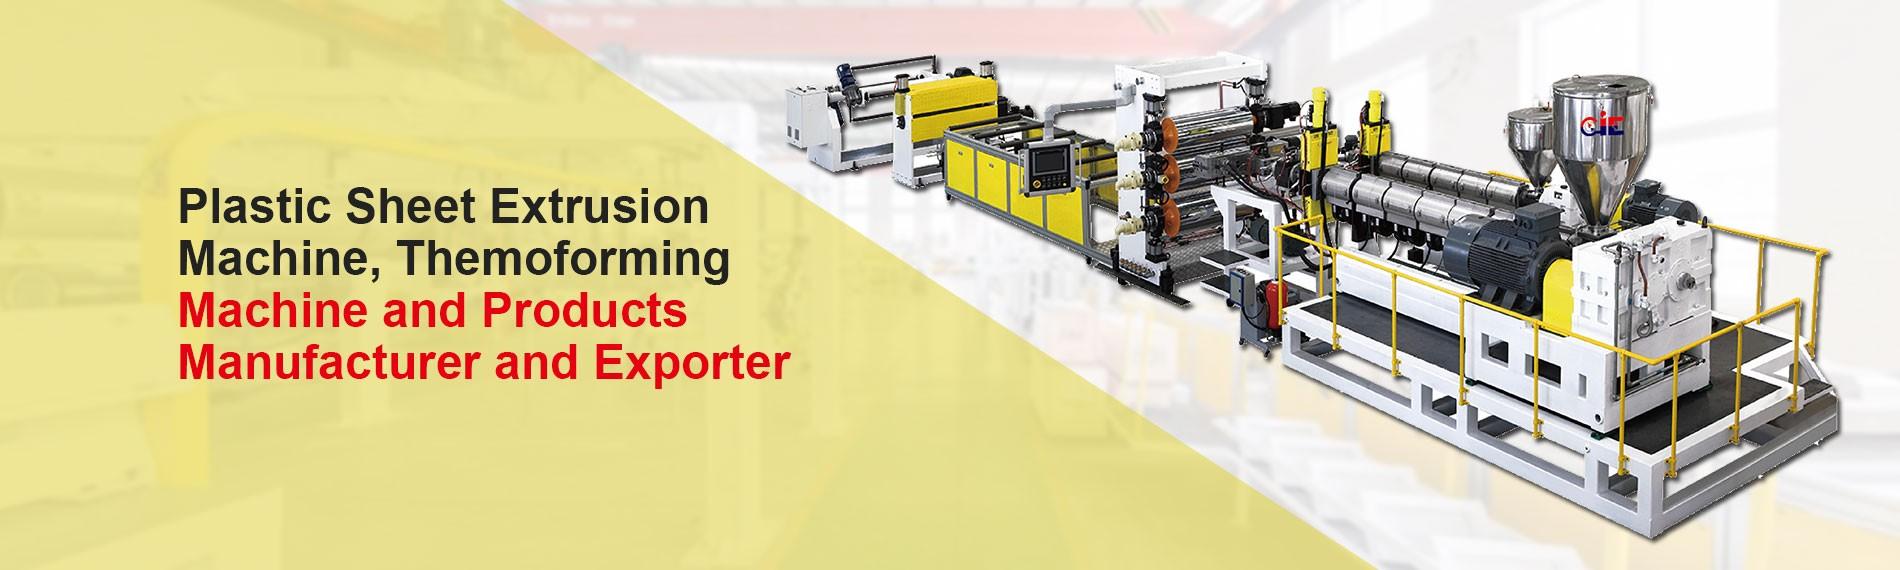 Plastic Board Extrusion Machine